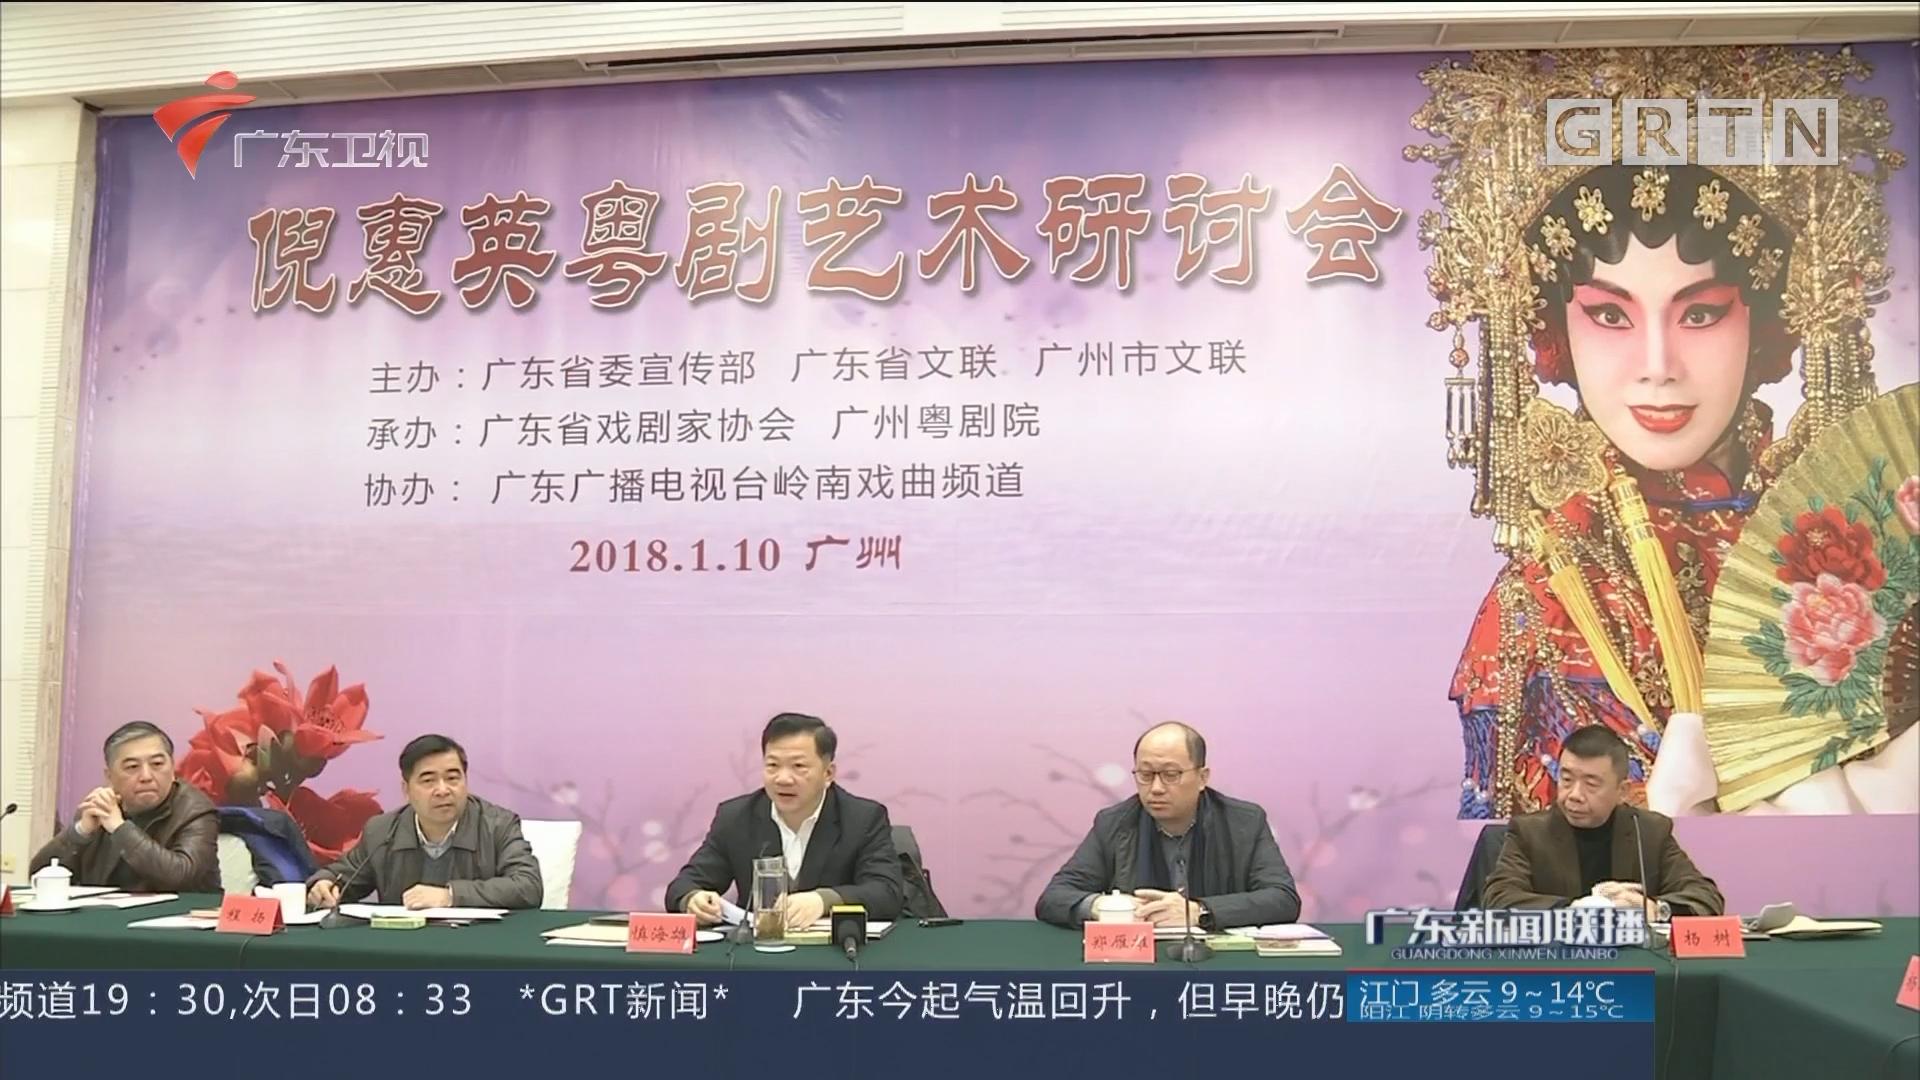 倪惠英粤剧艺术研讨会在广州召开